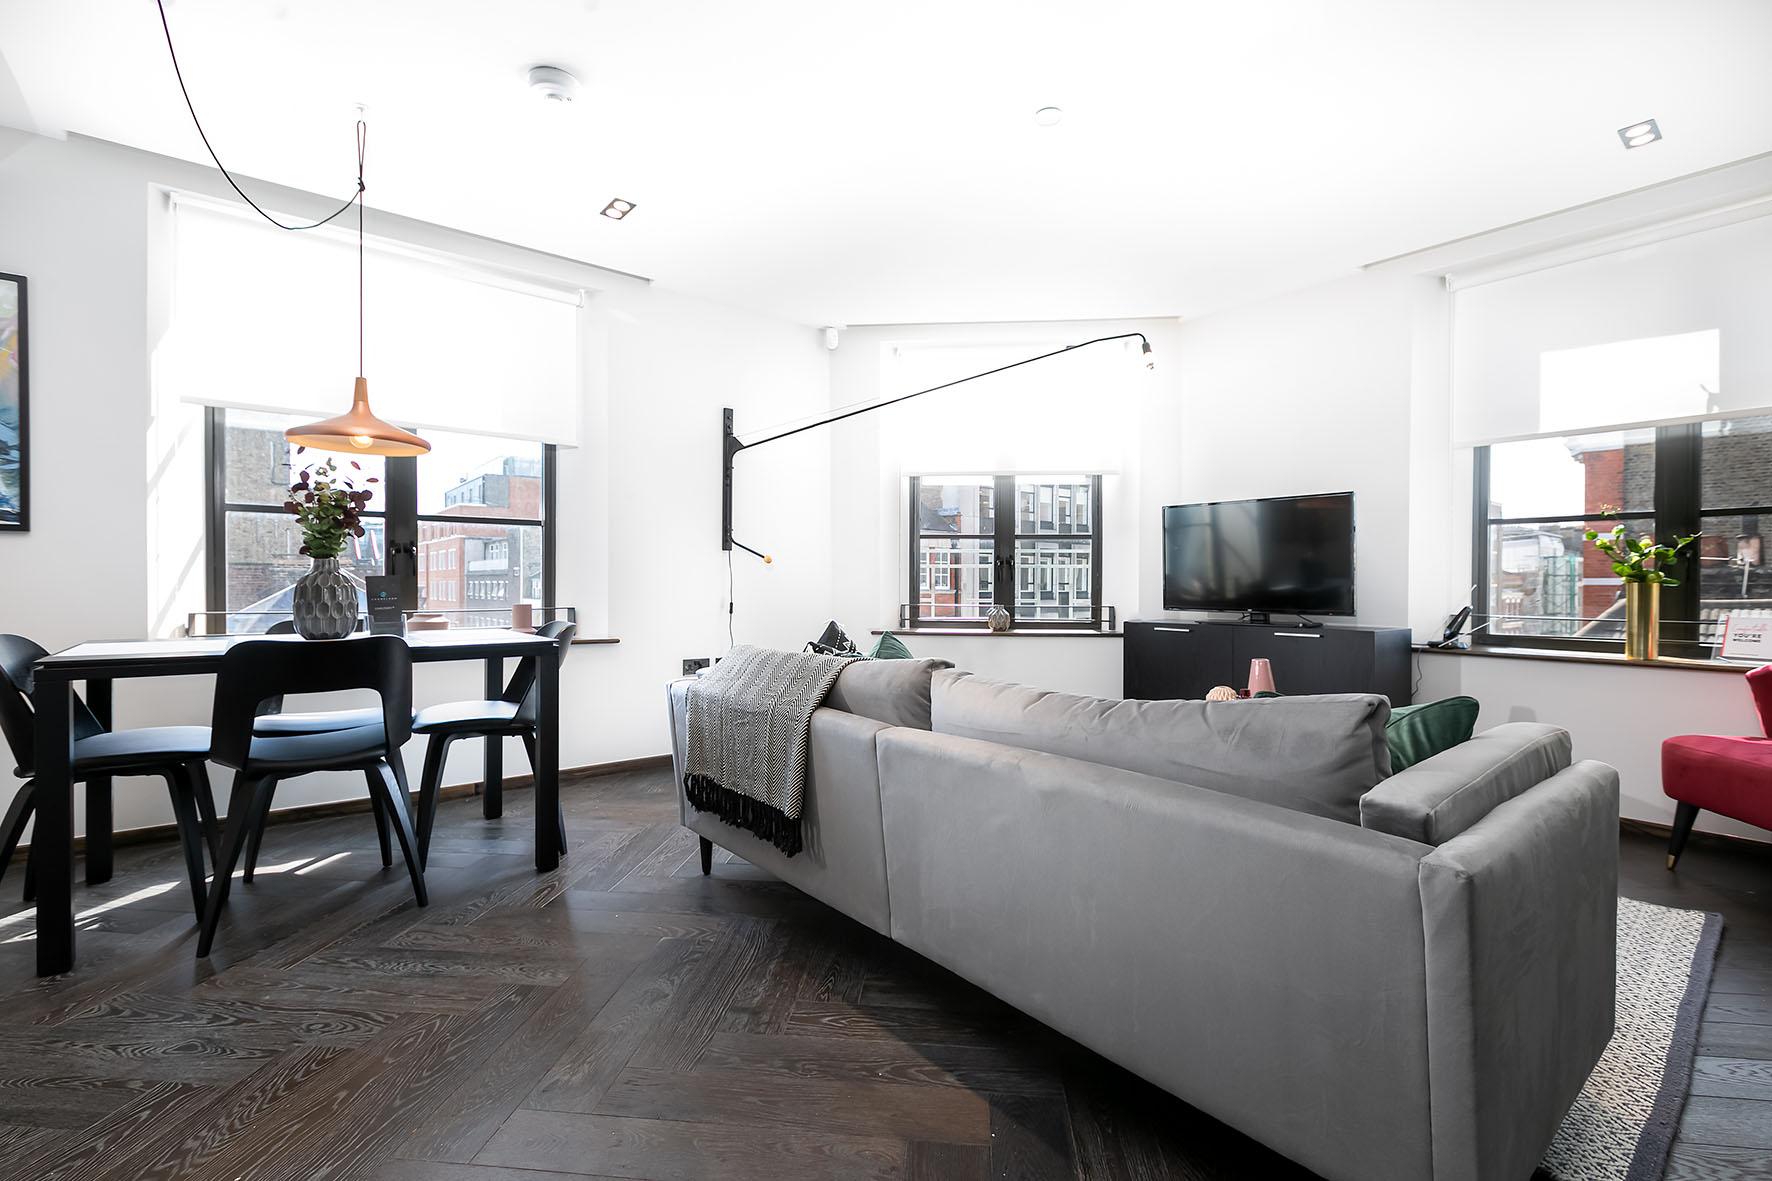 Lovelydays luxury service apartment rental - London - Soho - Noel Street VI - Lovelysuite - 2 bedrooms - 2 bathrooms - Luxury living room - e31ede8e8463 - Lovelydays